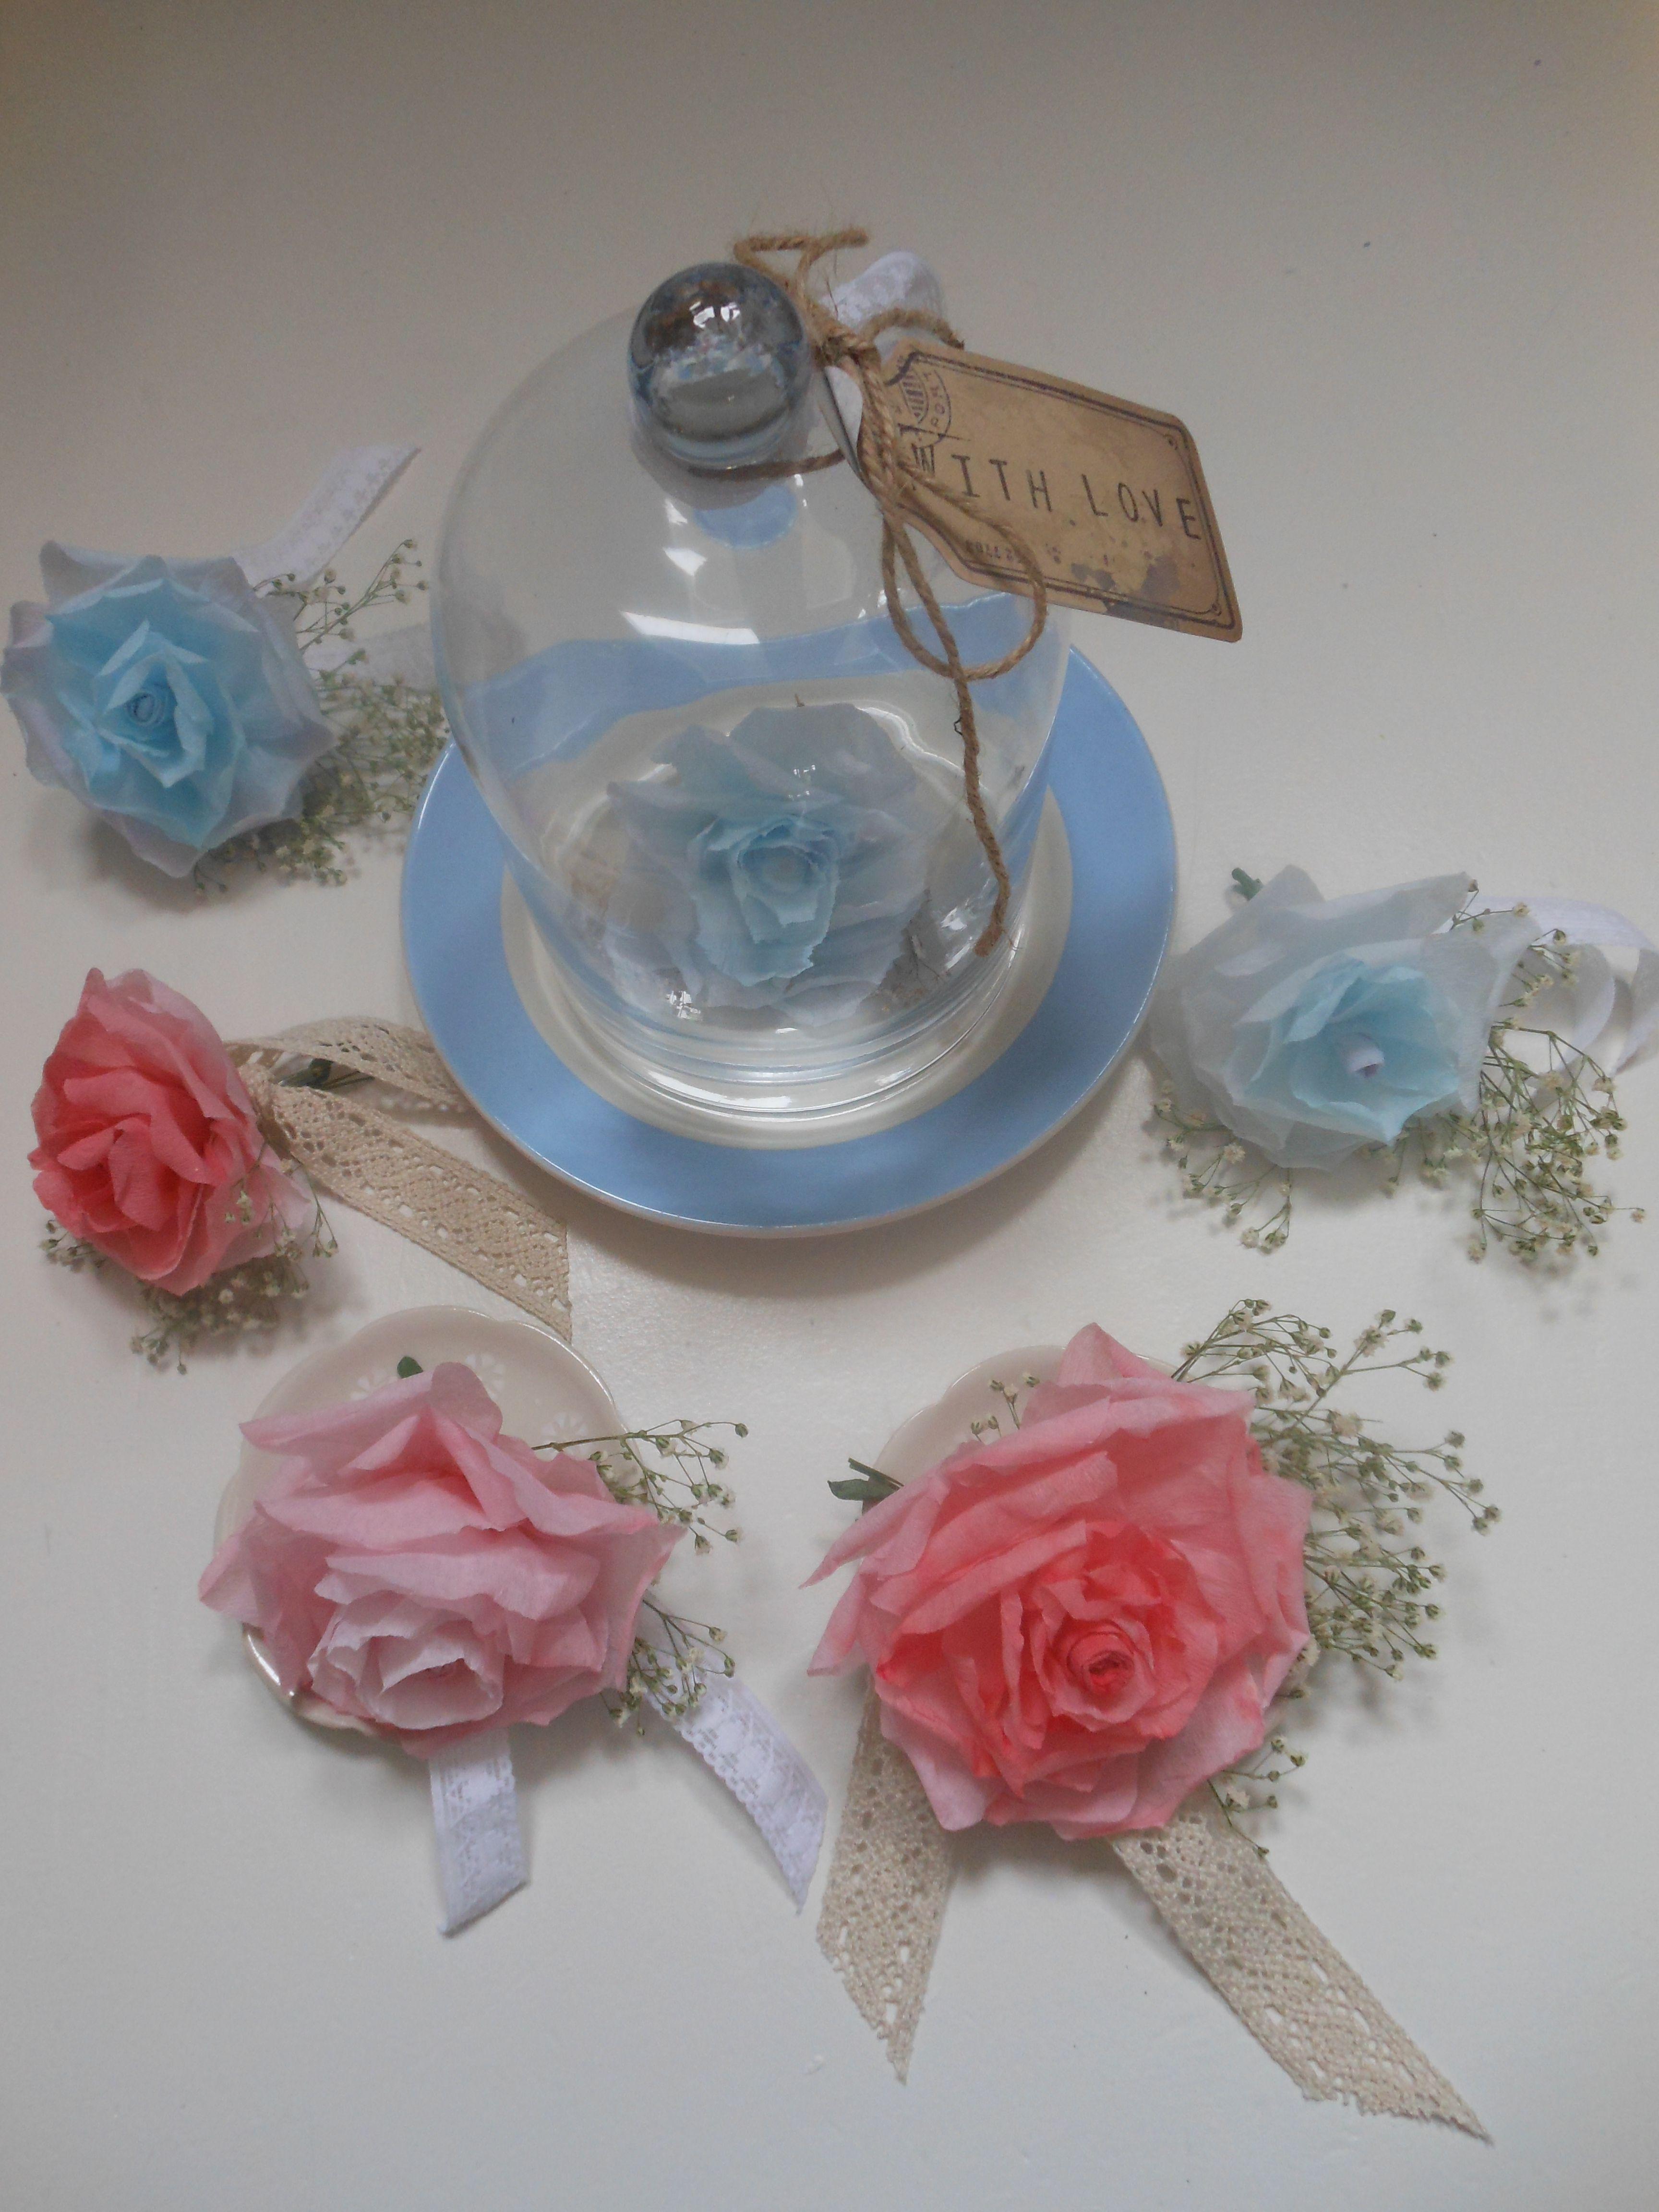 ook erg mooieen enkele roos onder een stolp in de kleuren van het interieur